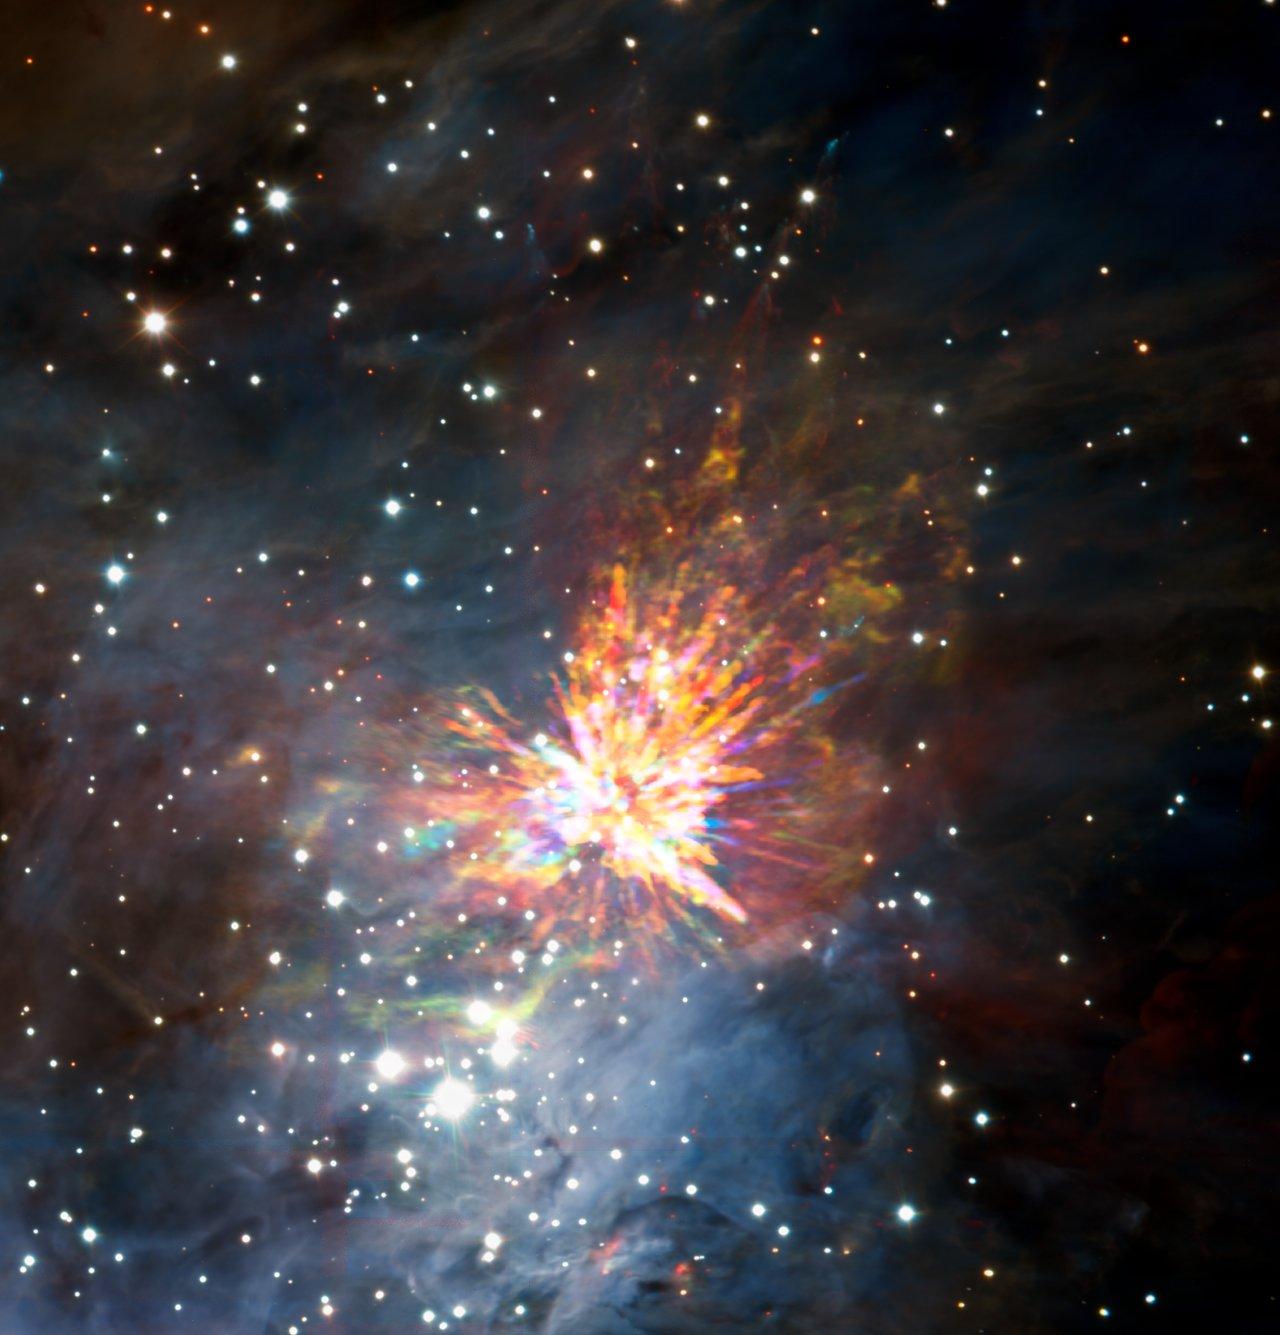 O ALMA observa uma explosão estelar em Orion